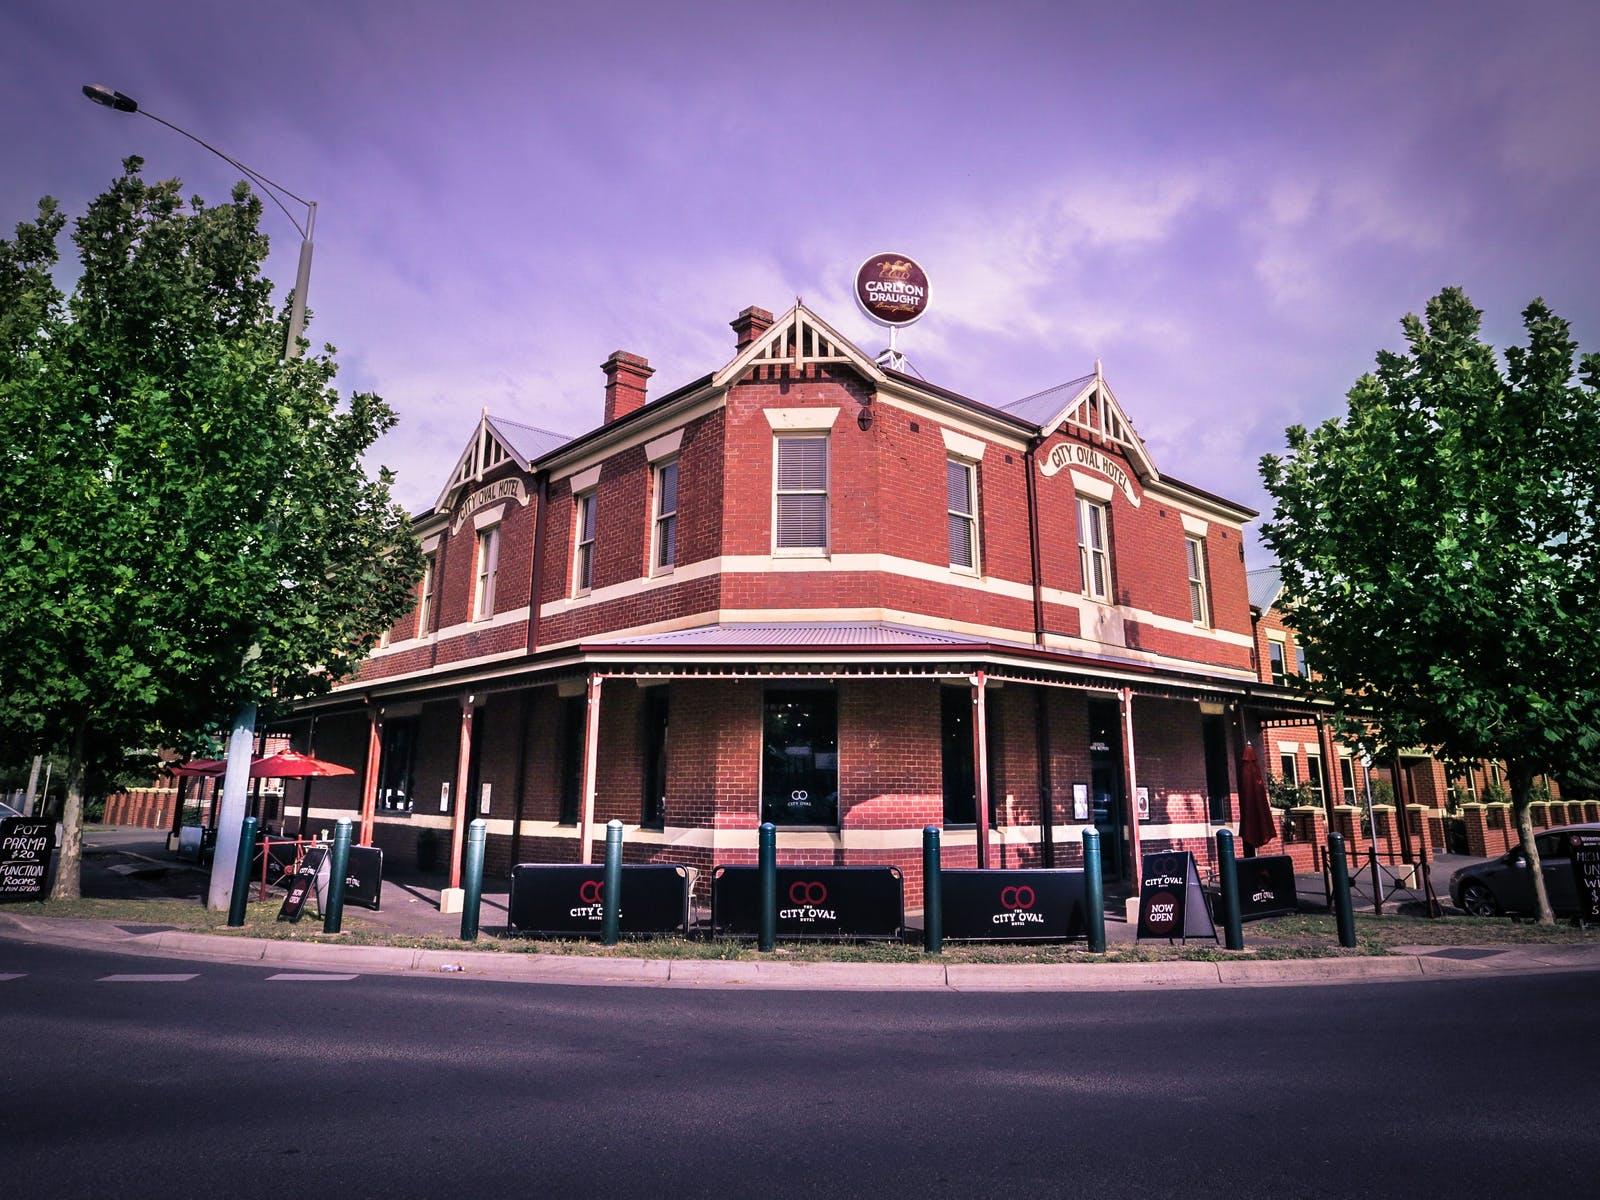 City Oval Hotel